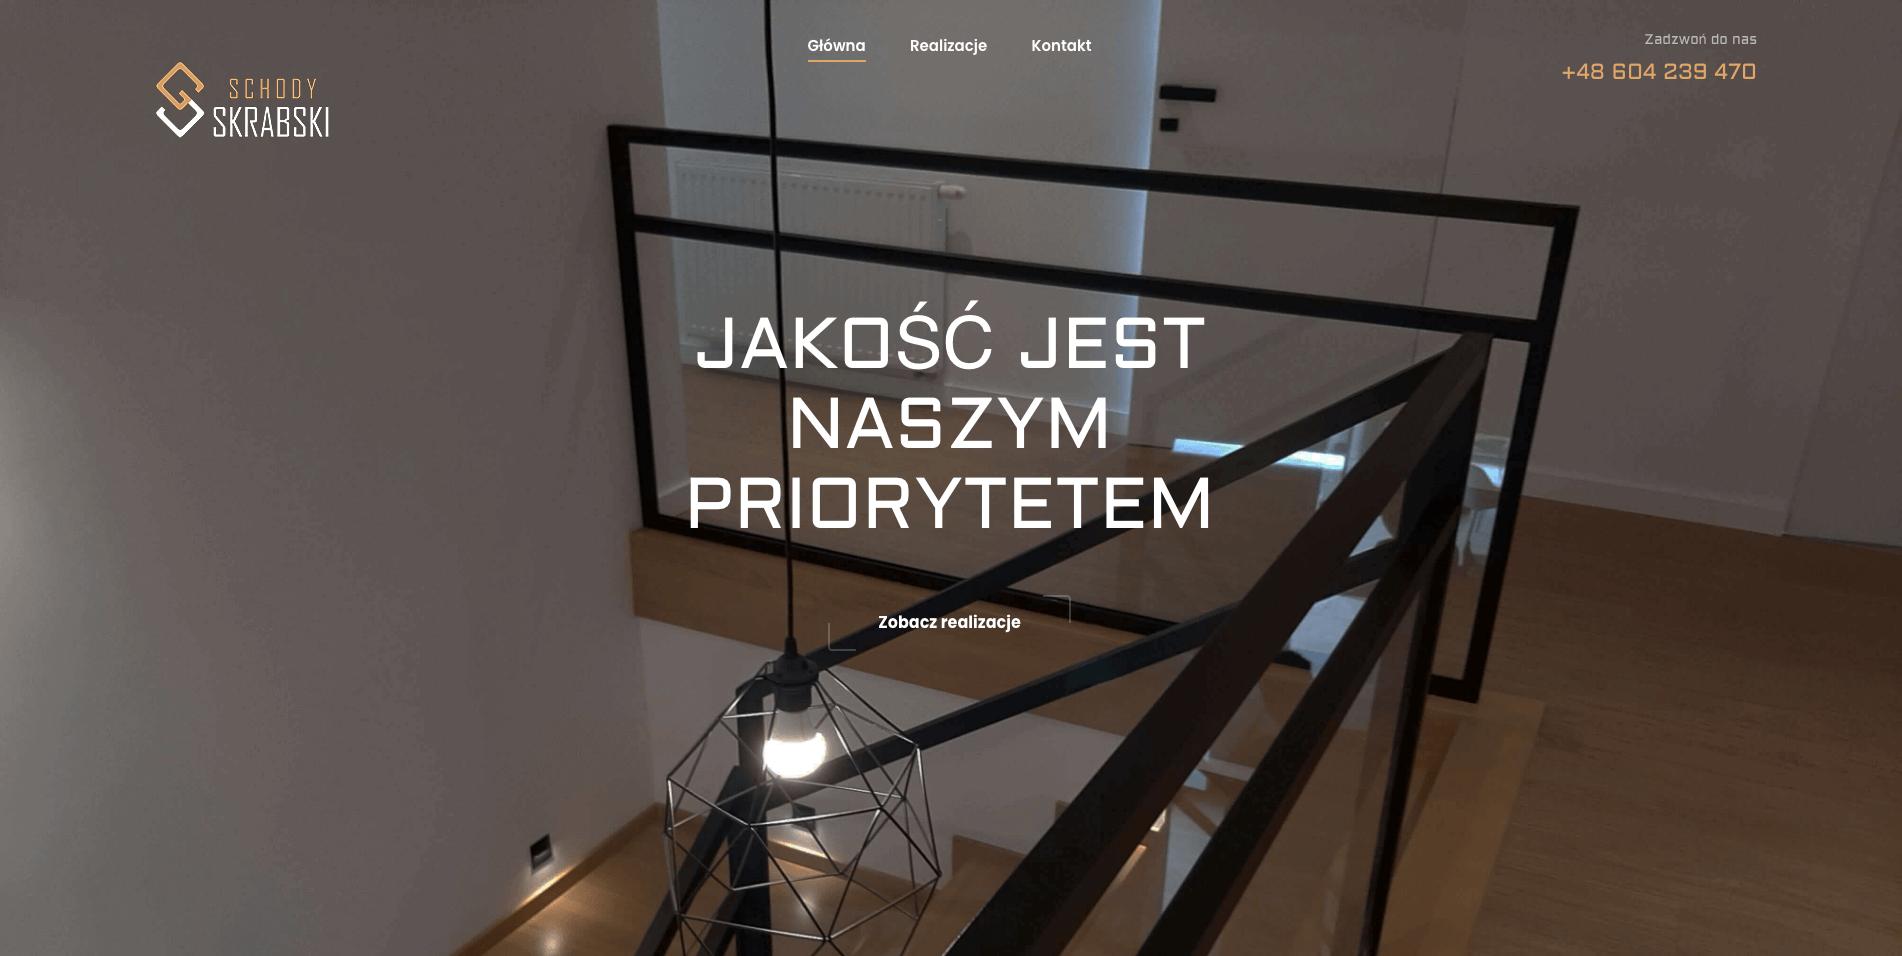 Zrzut ekranu ze strony skrabskischody.pl